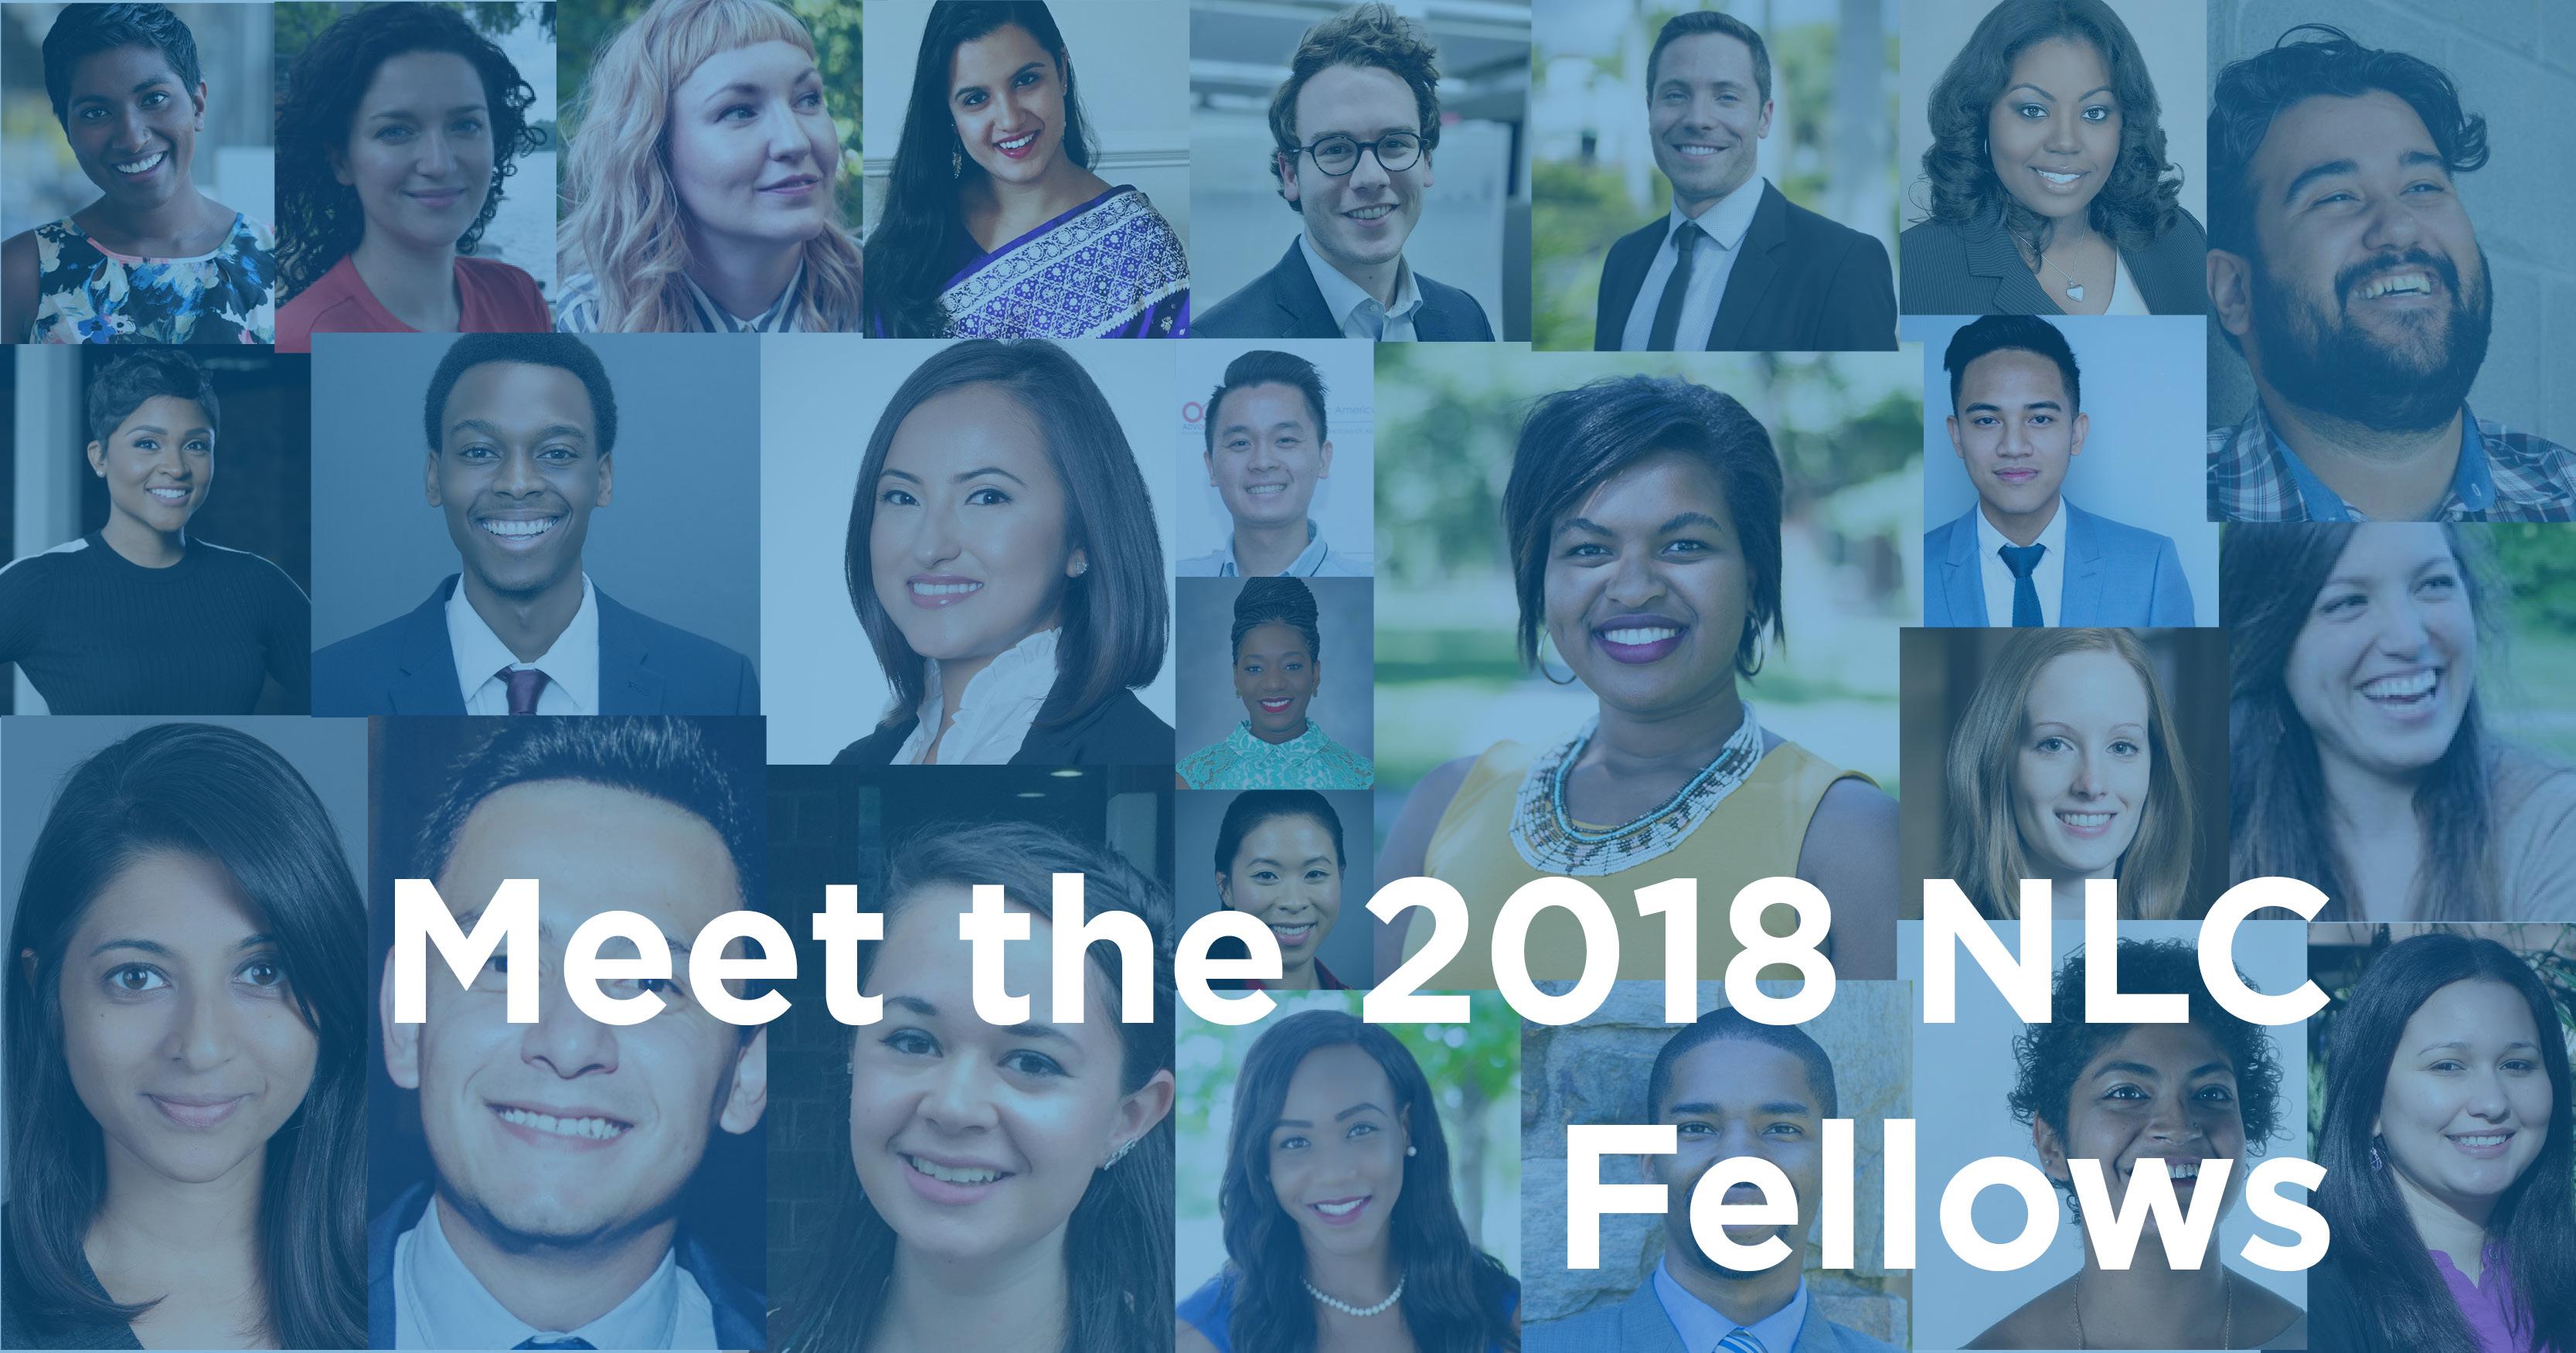 Meet_the_2018_Fellows_-_FB.jpg